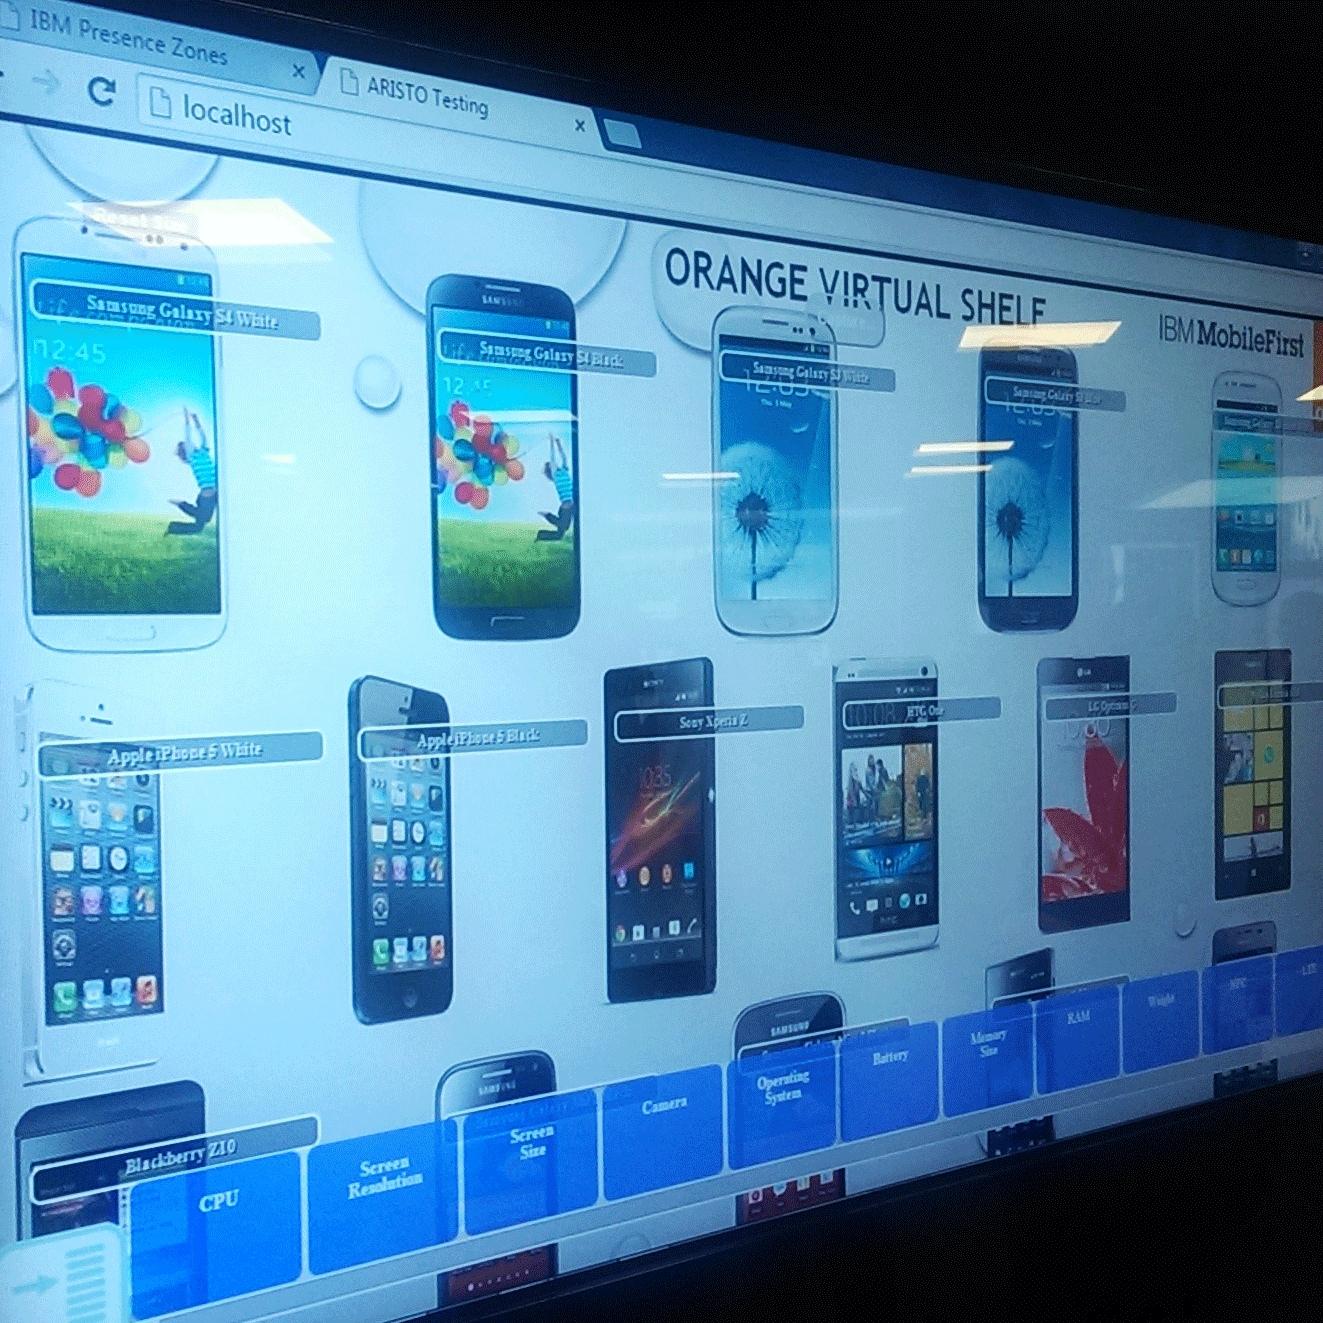 Alcune applicazioni di vetrine virtuali nello show room di IBM